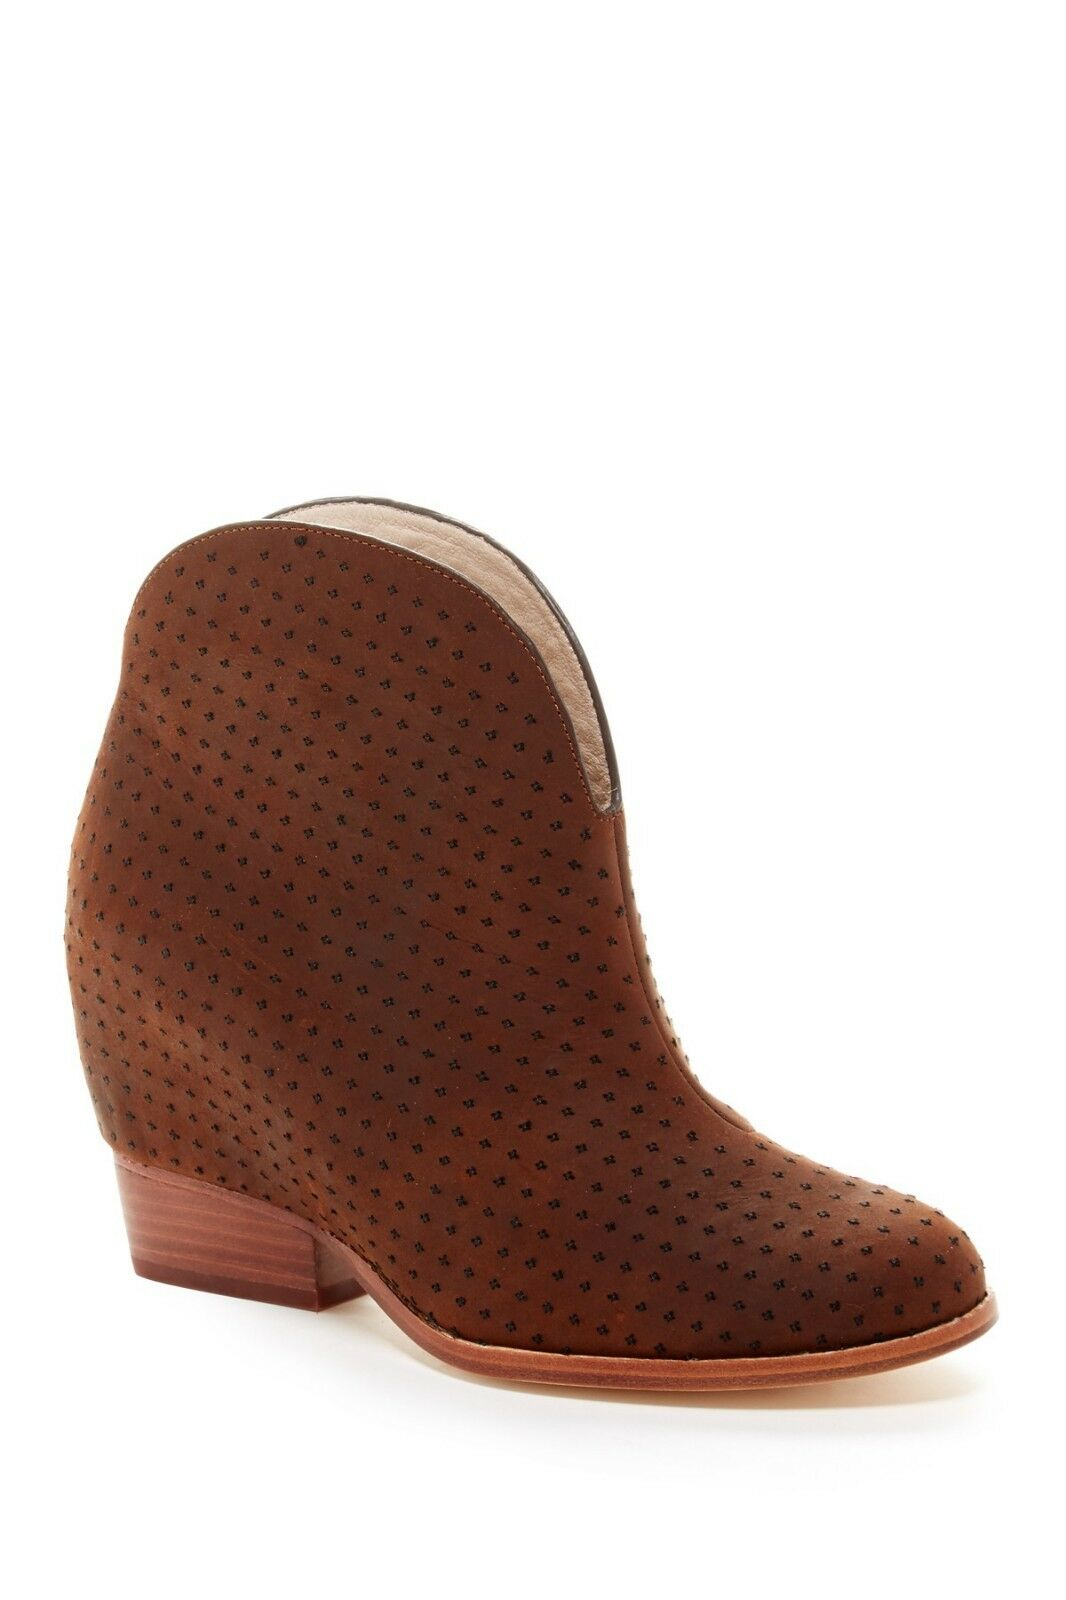 NEW Matt Bernson Flores Stiefel, braun Umber Oiled Leather, damen Größe 9,  299